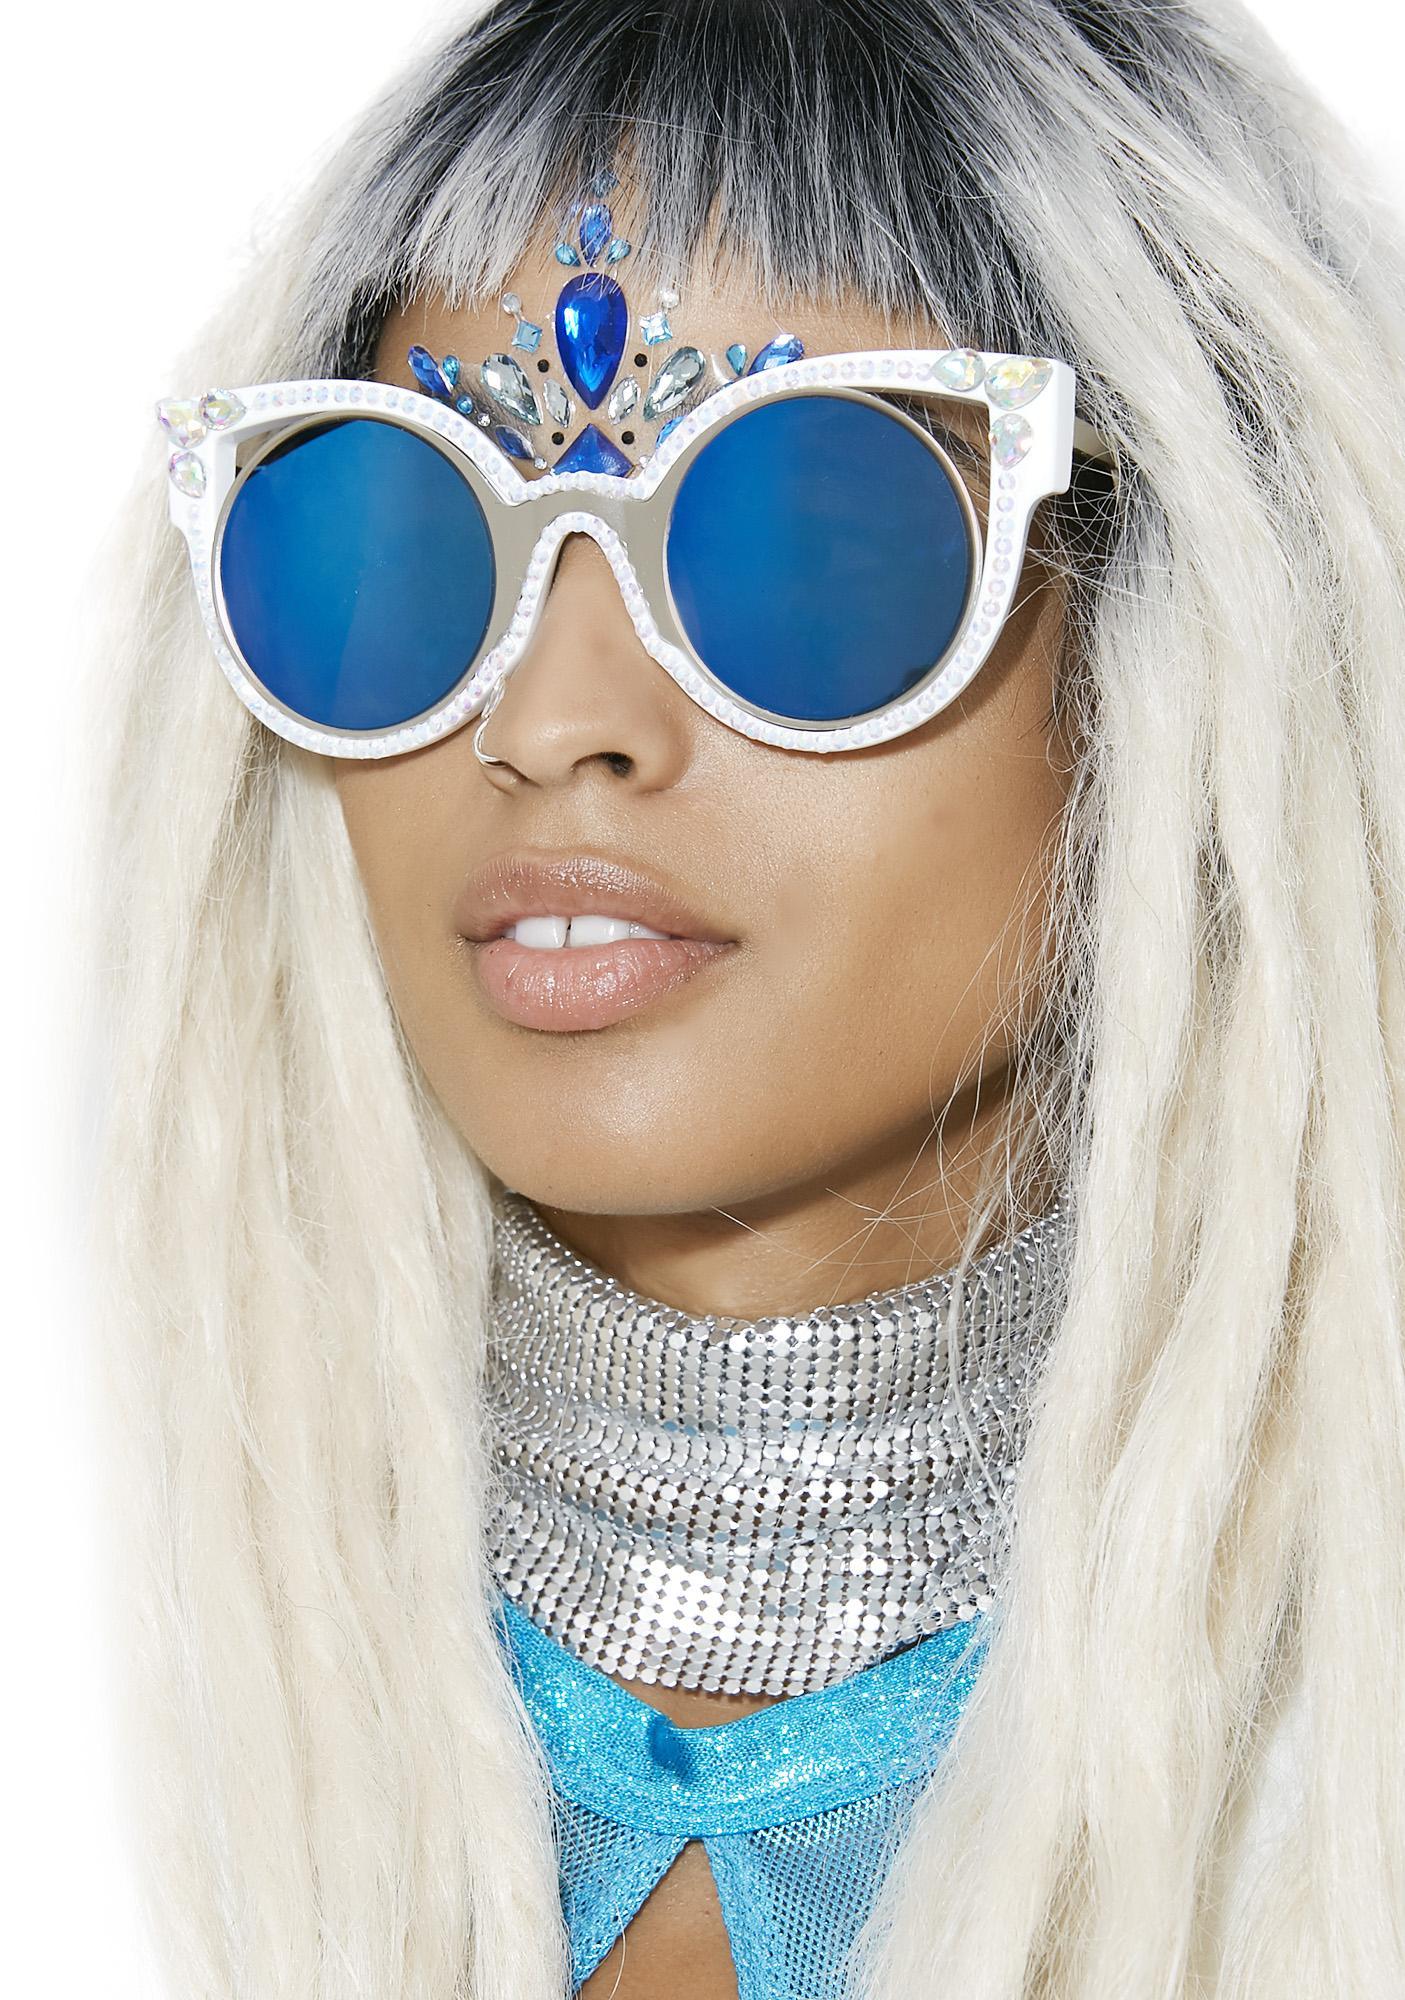 ReblKitty Techno Kitty Sunglasses